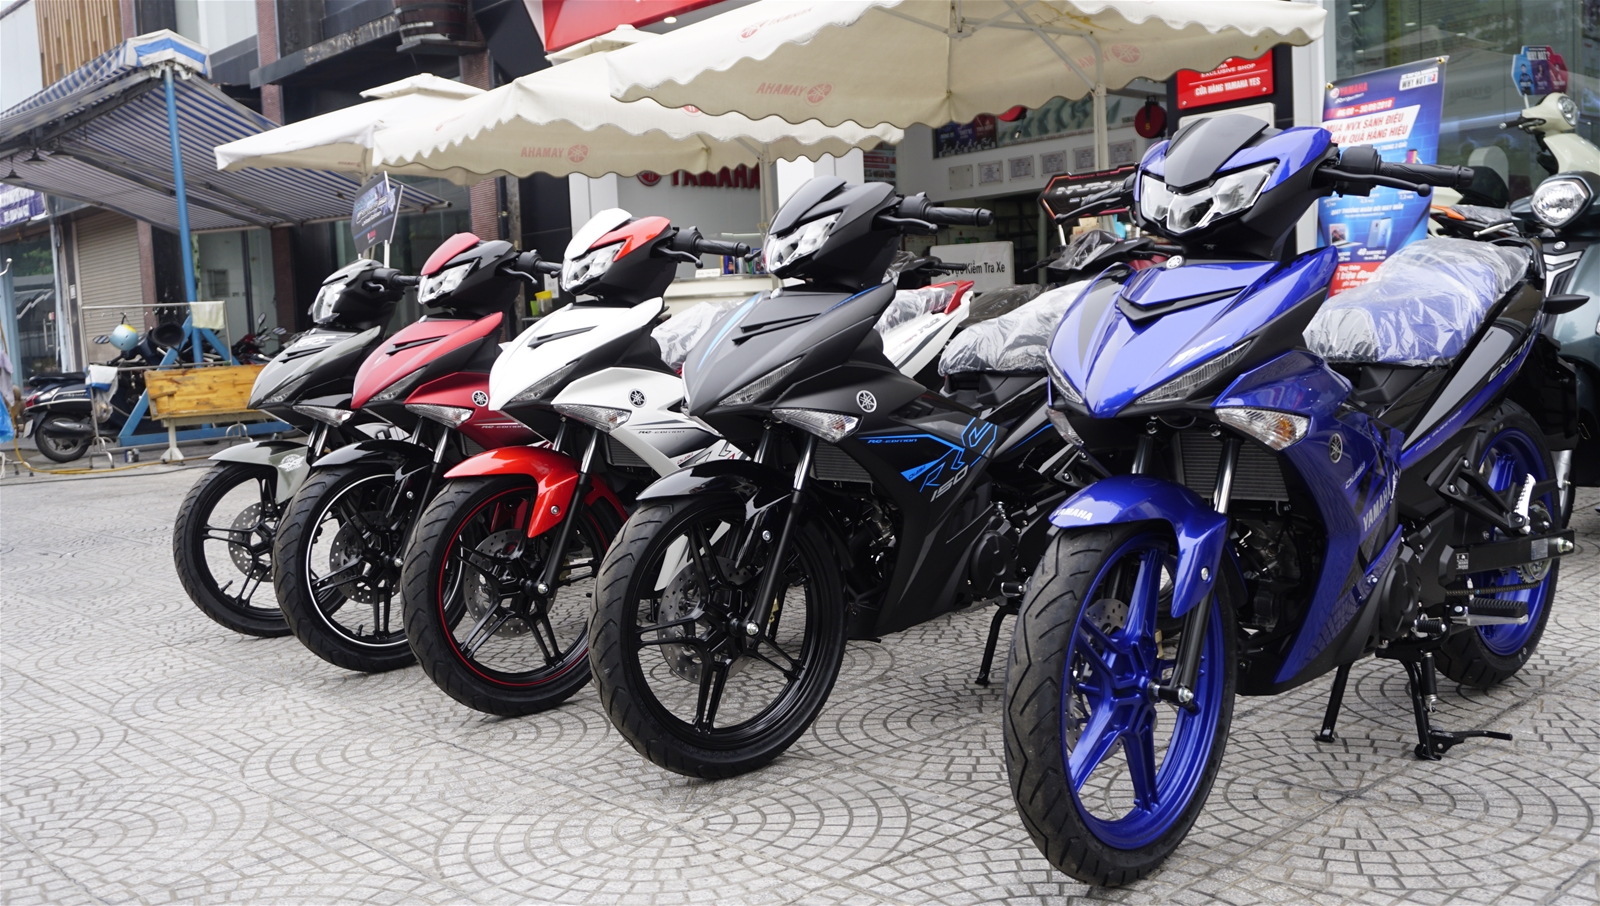 Bảng giá xe máy Yamaha tháng 3/2020: Đồng loạt giảm